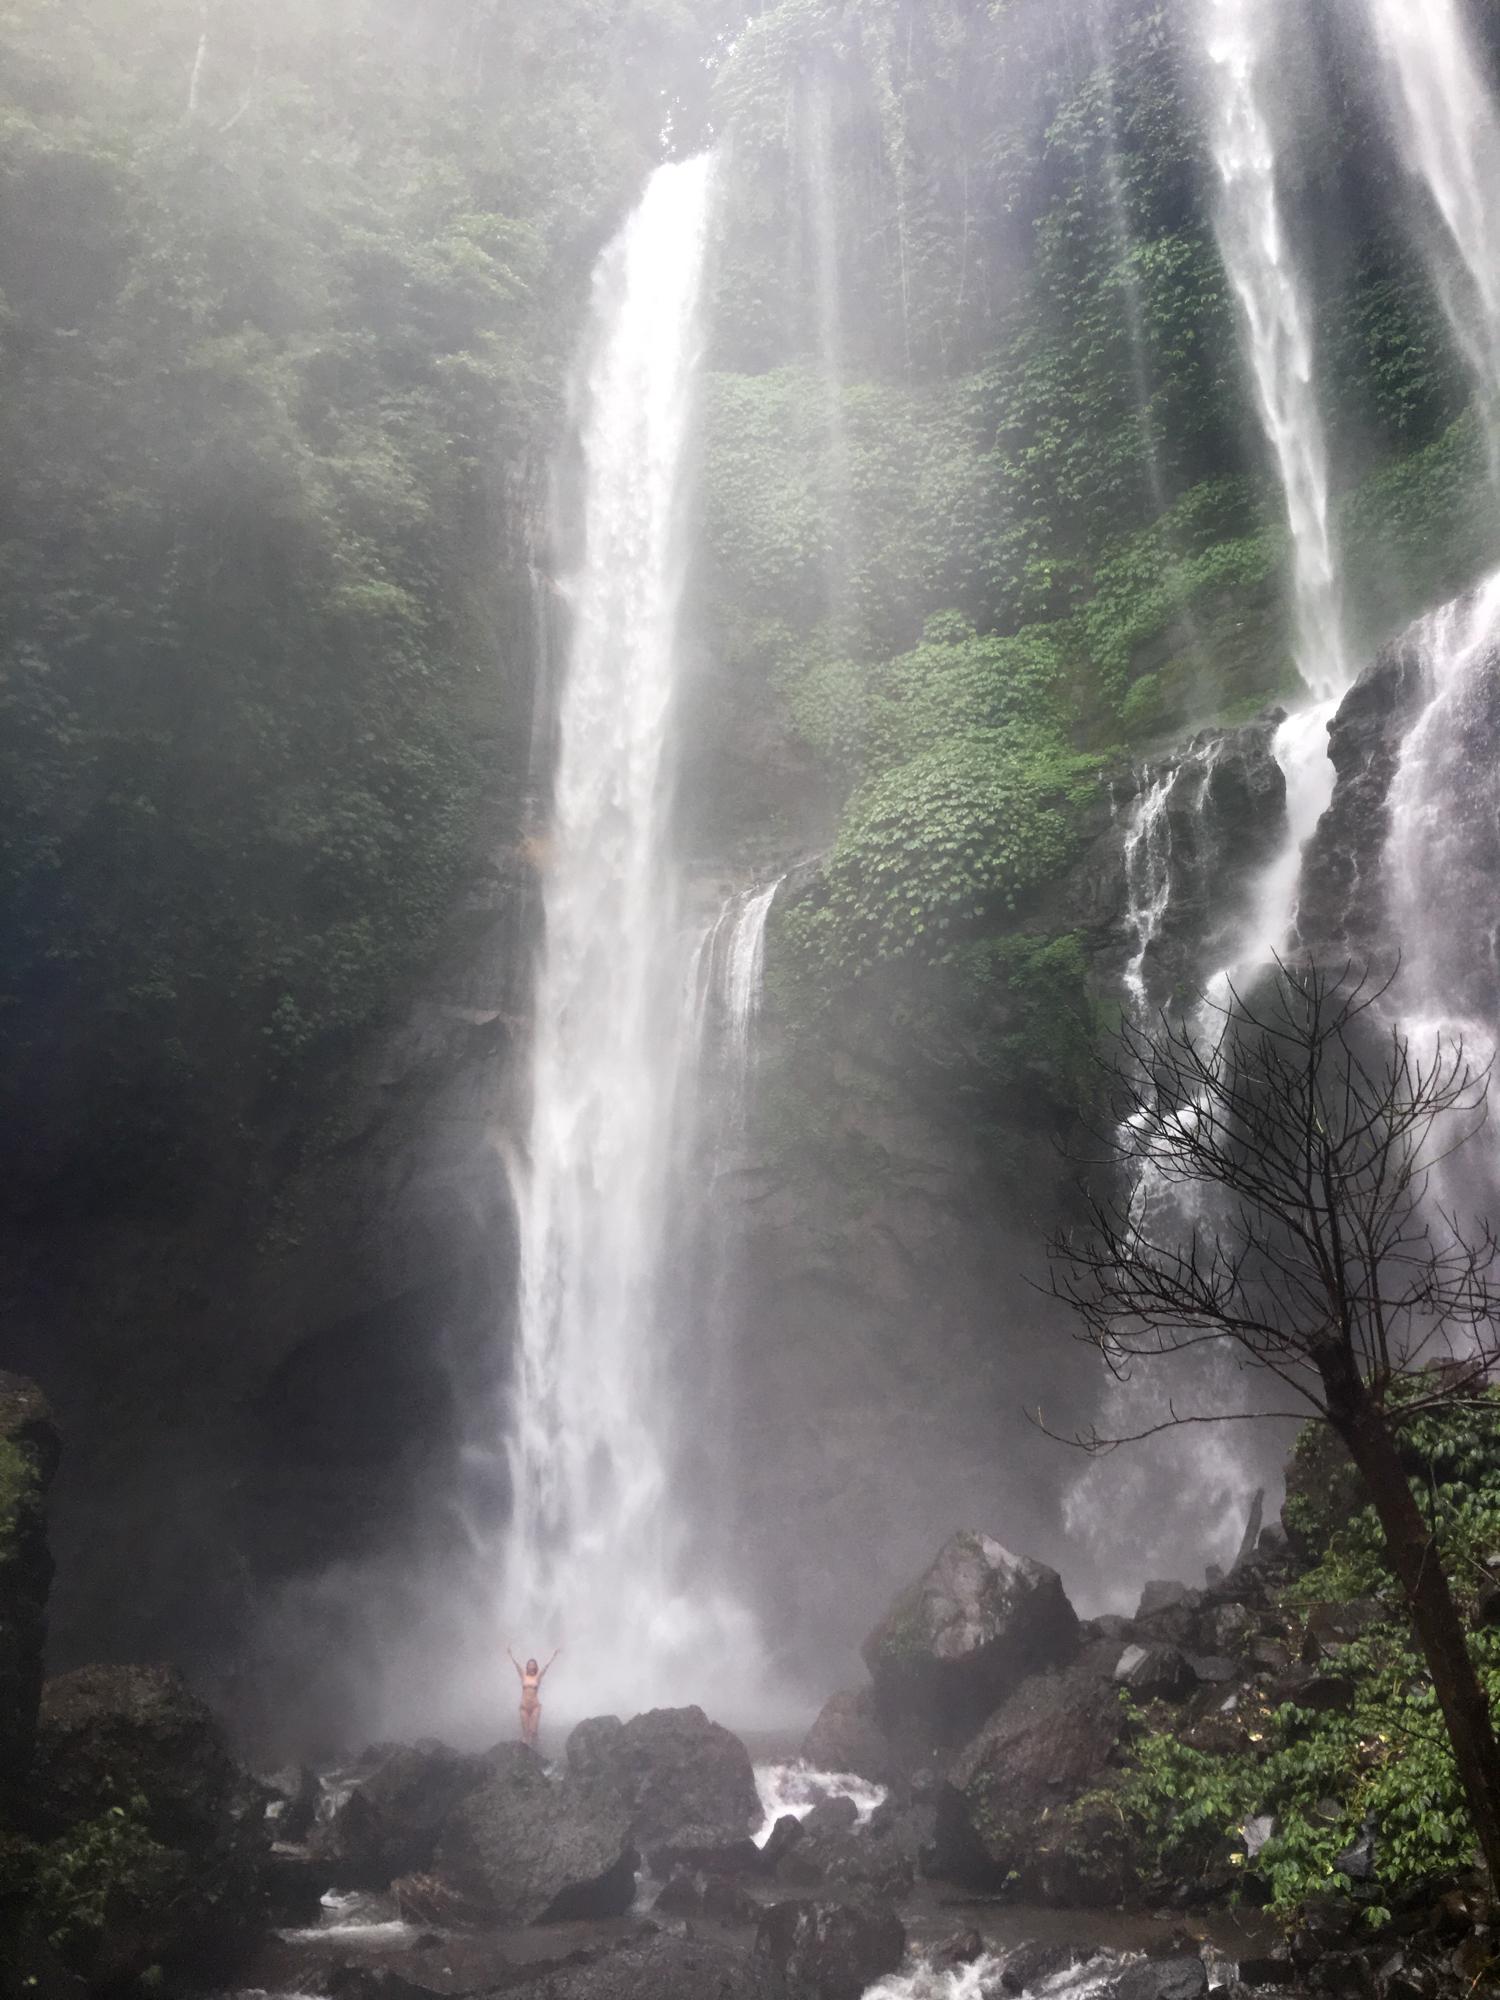 Swimming in Bali's prettiest waterfalls | Never Settle Travel